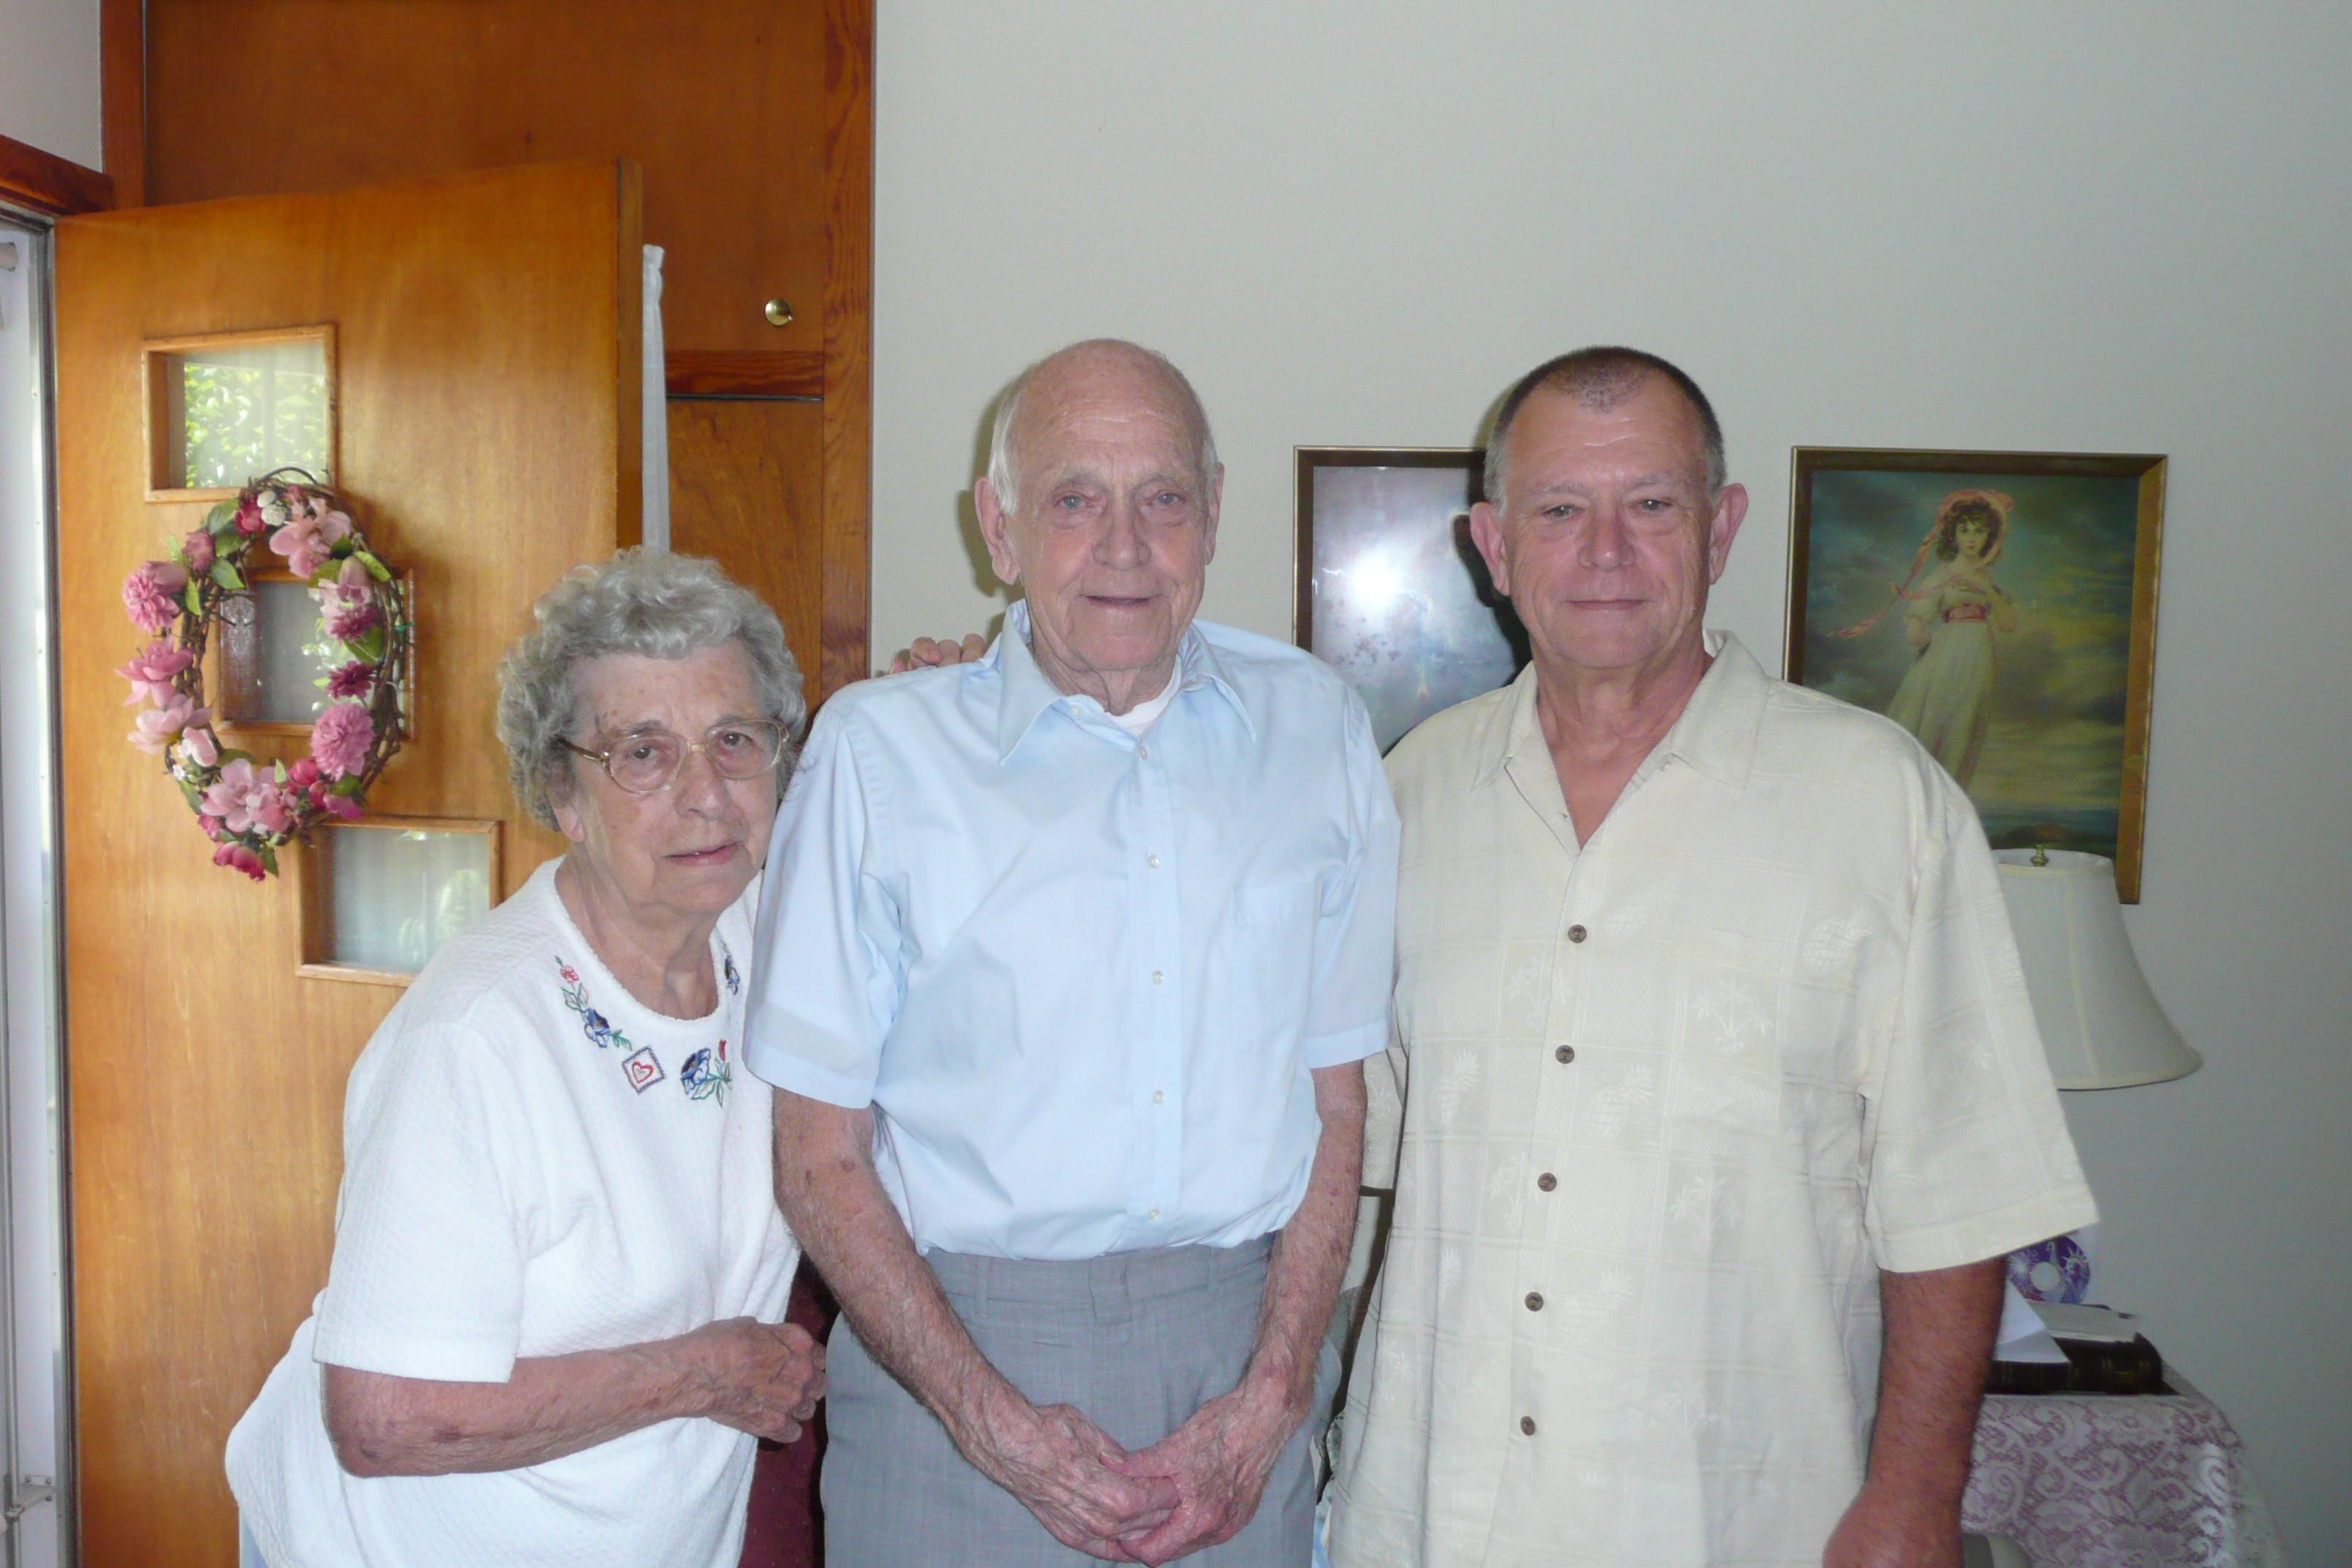 Grandma, Pepa, and Dad.  June 21, 2009